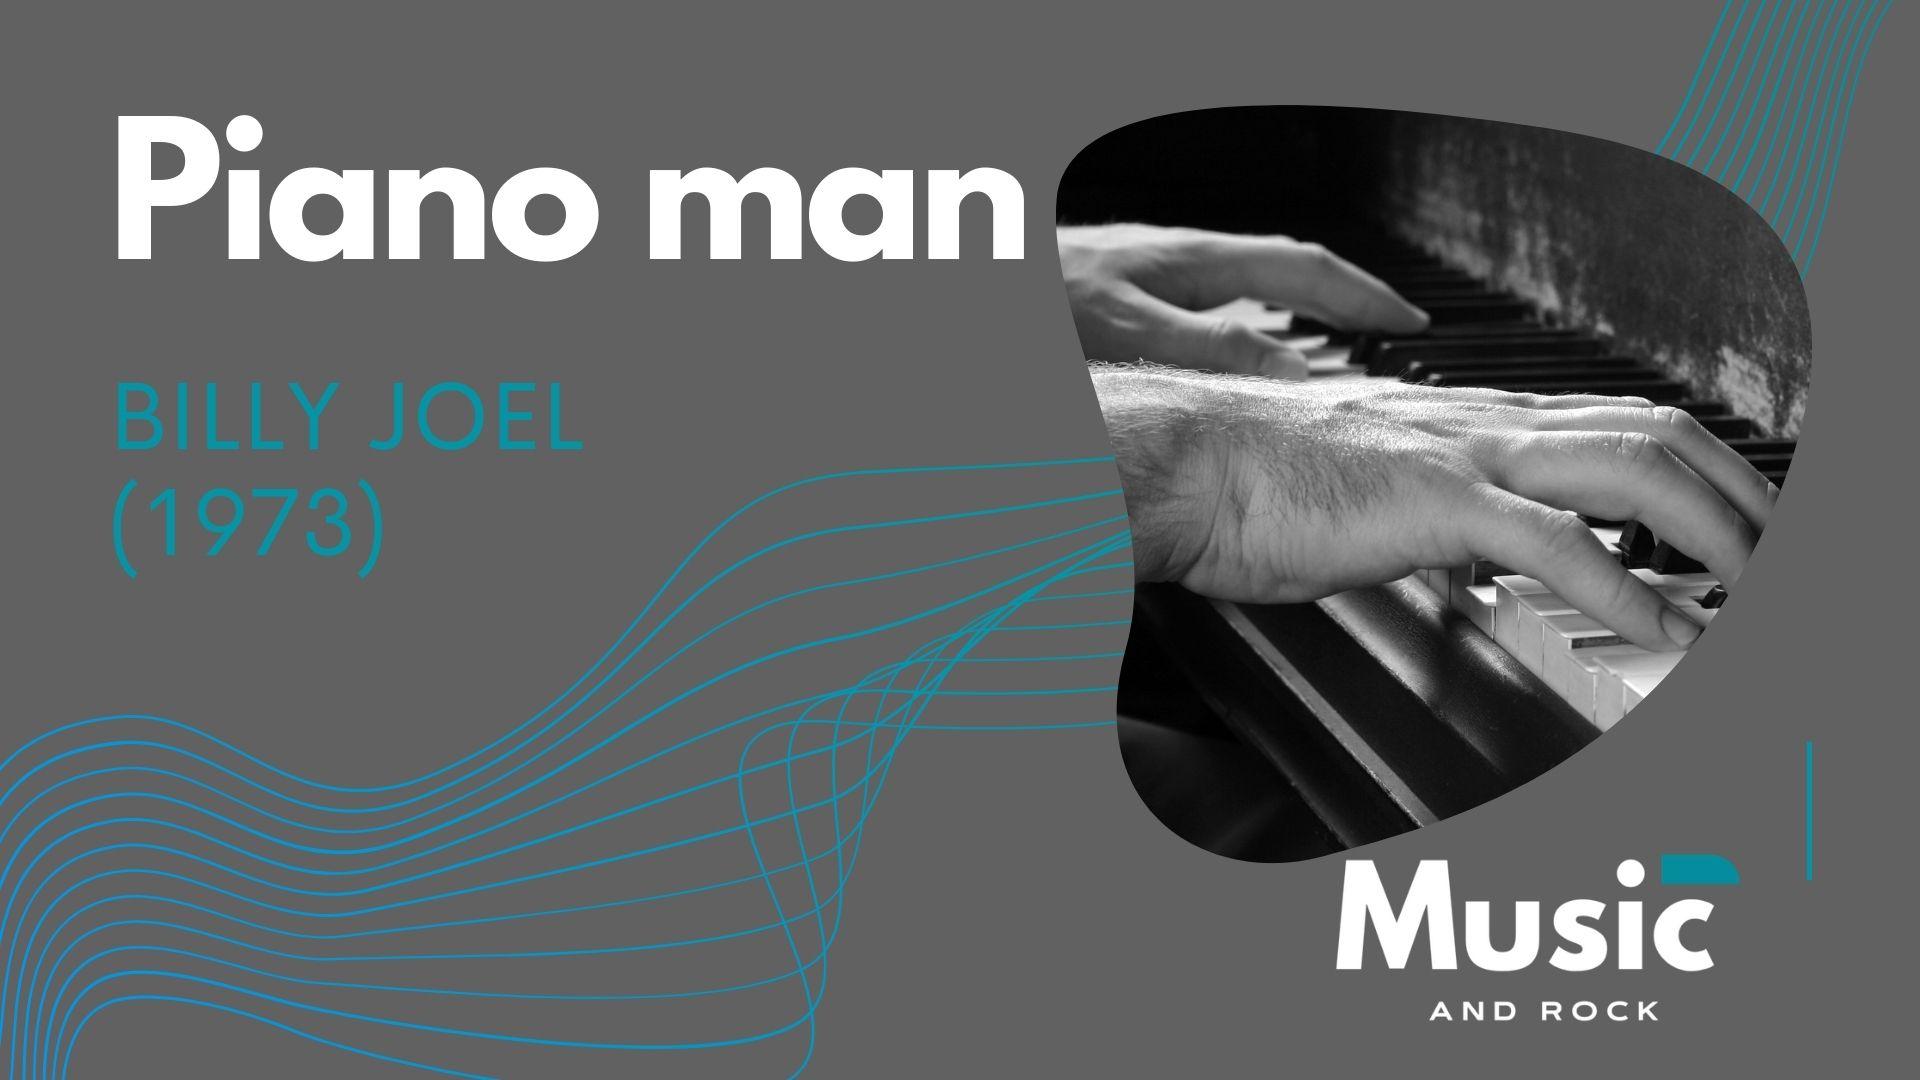 """Piano man de Billy Joel o como un vals hizo de oro a uno de los grandes de la música americana<span class=""""wtr-time-wrap after-title""""><span class=""""wtr-time-number"""">5</span> minutos de lectura</span>"""